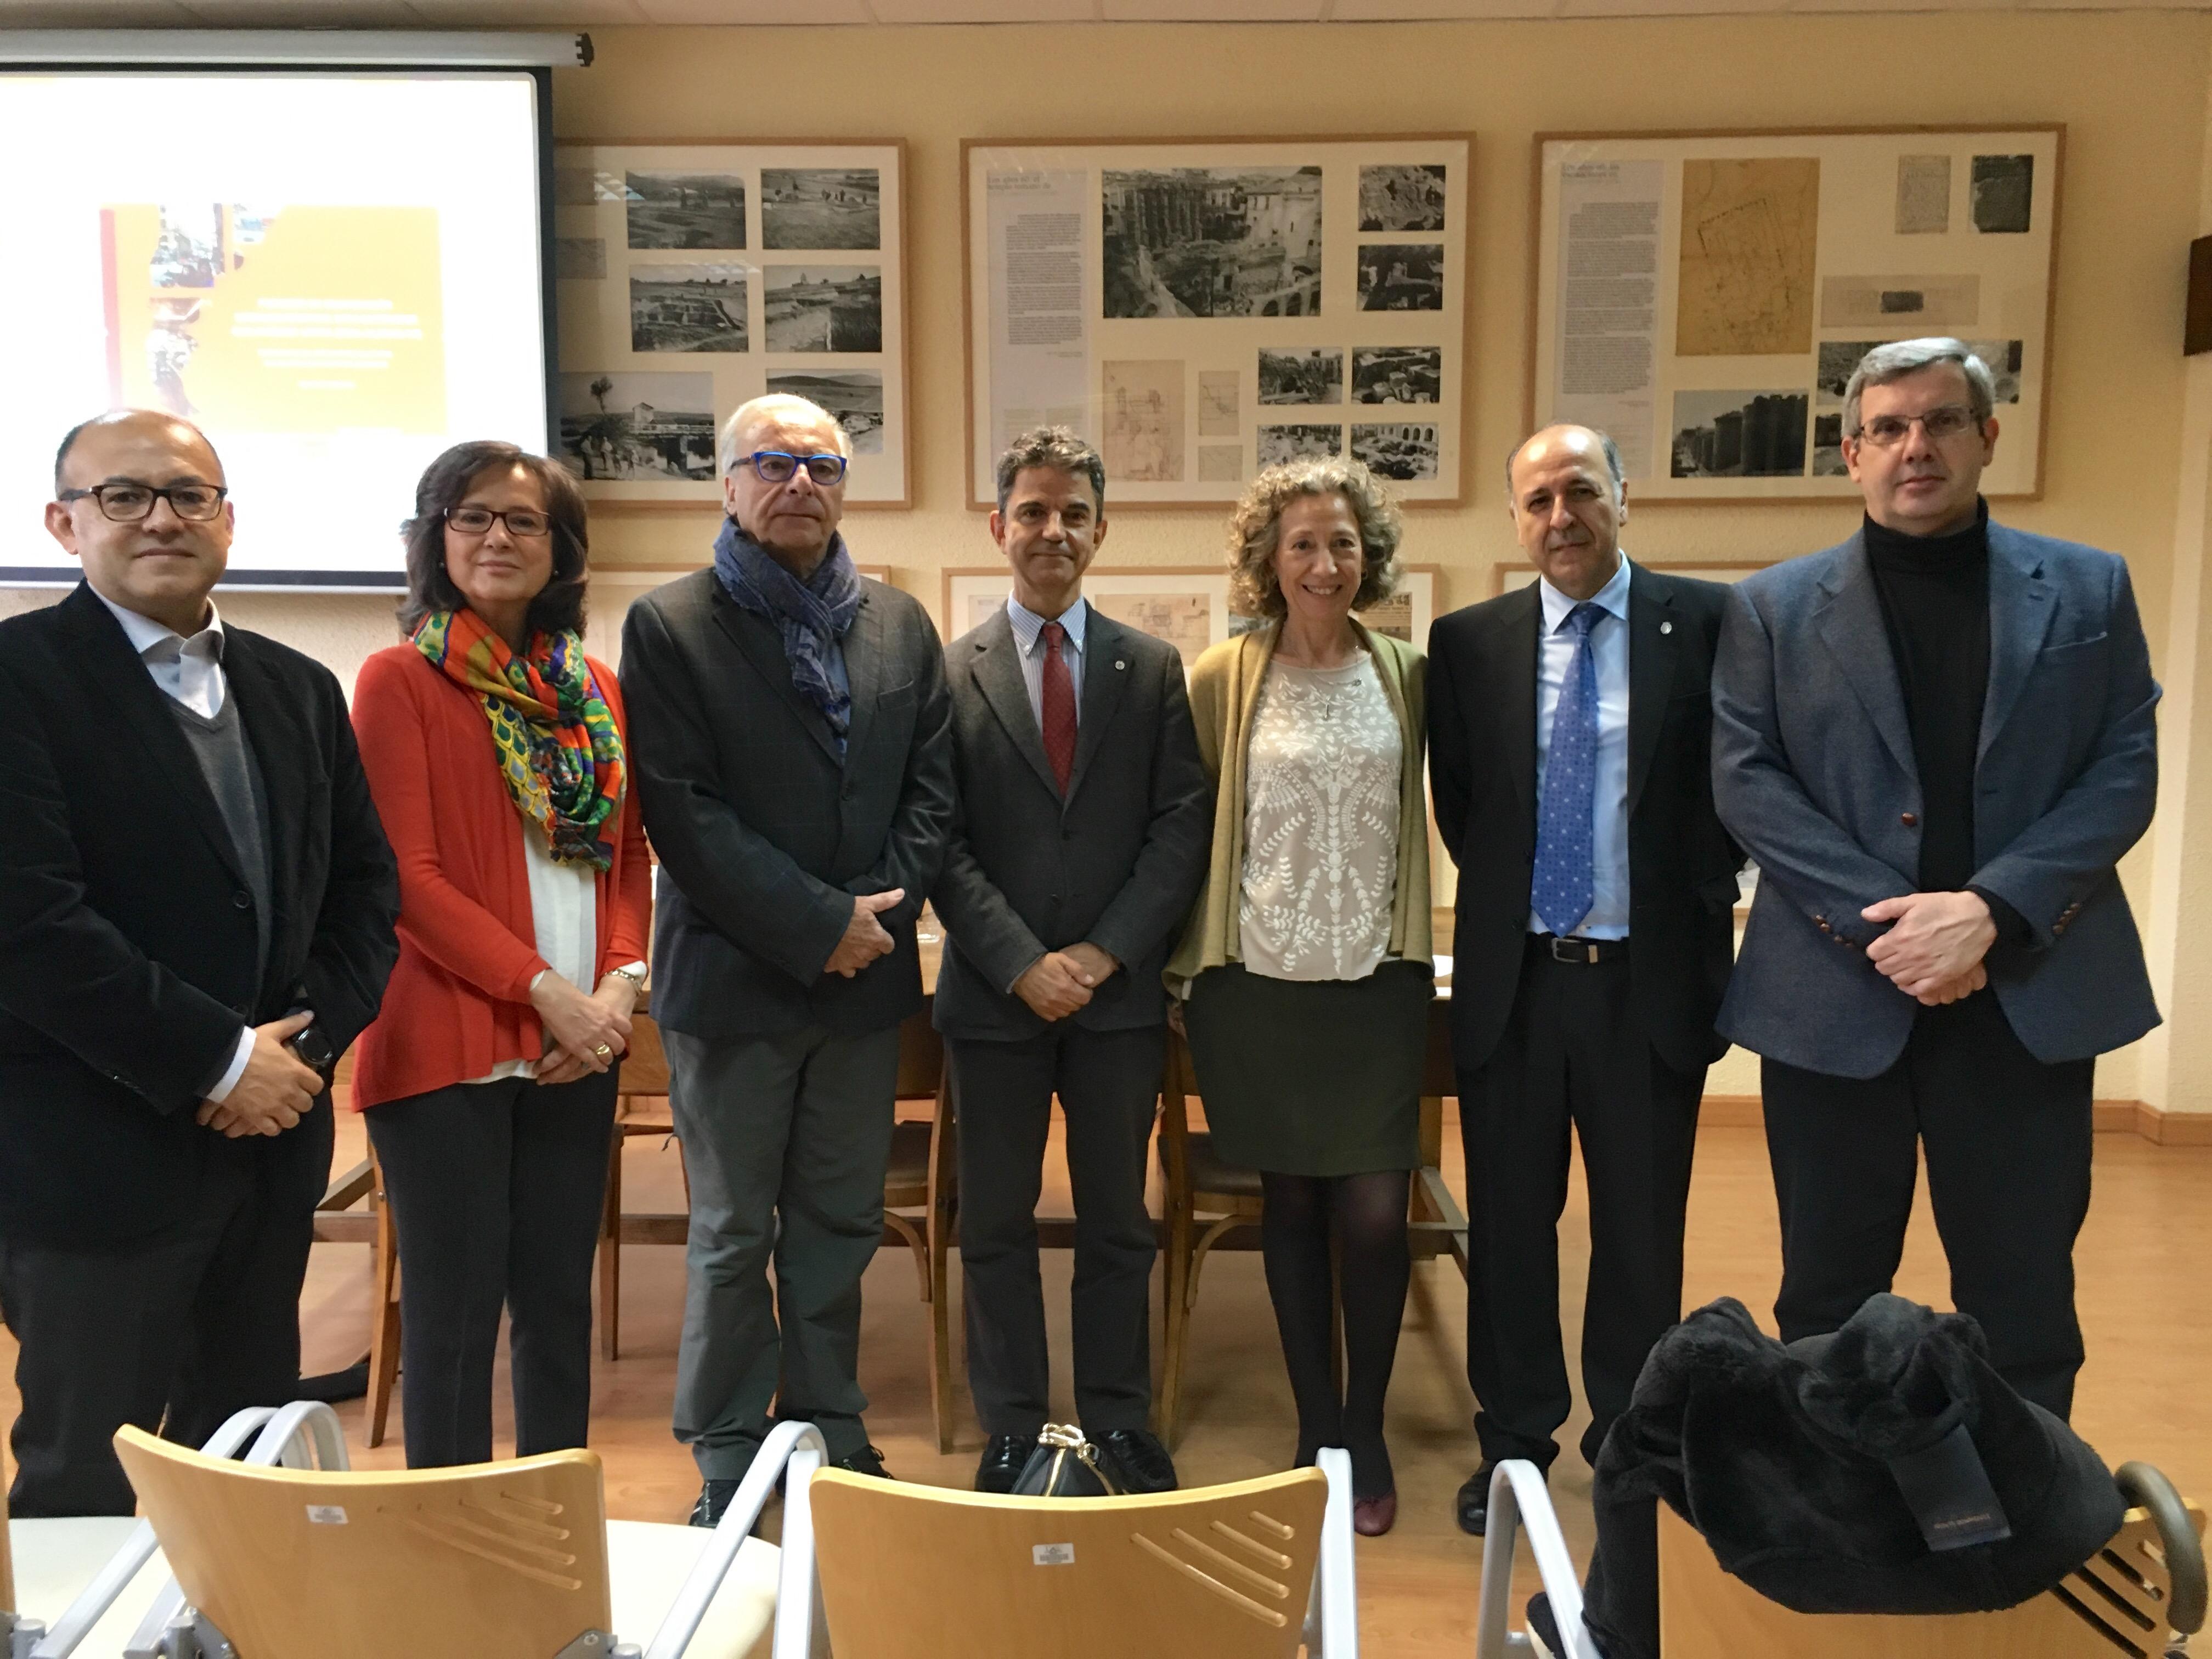 Acad micos de arquitectura de la universidad de valpara so for Universidades de arquitectura en espana